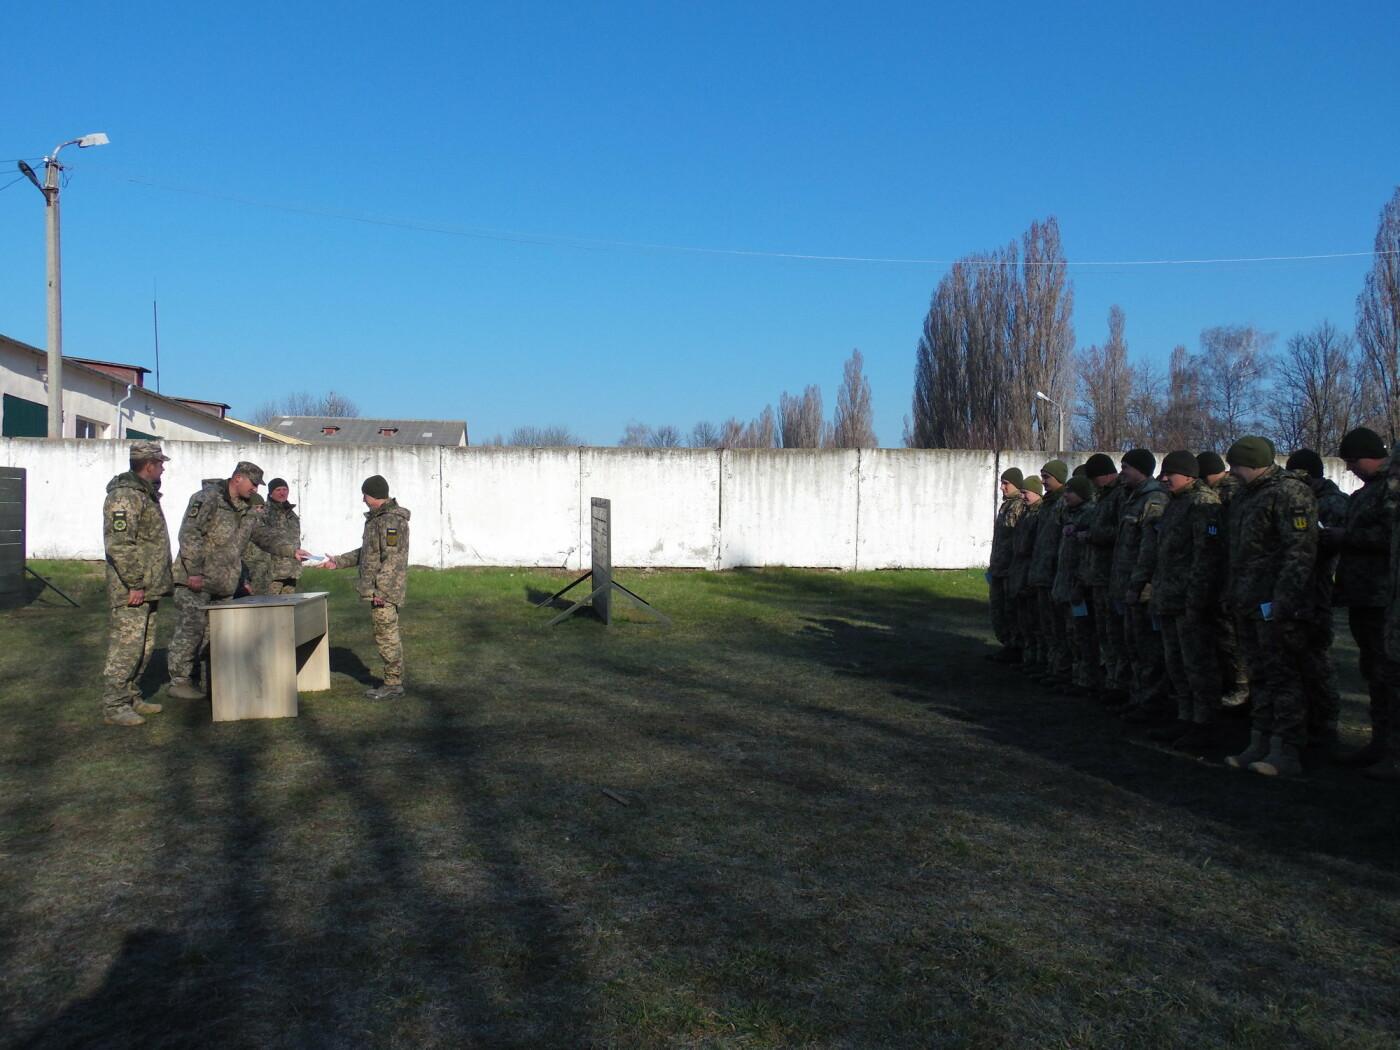 Ще 24 фахівців-кінологів поповнили сьогодні частини і підрозділи Збройні Сили України, фото-7, Фото: Центр розмінування